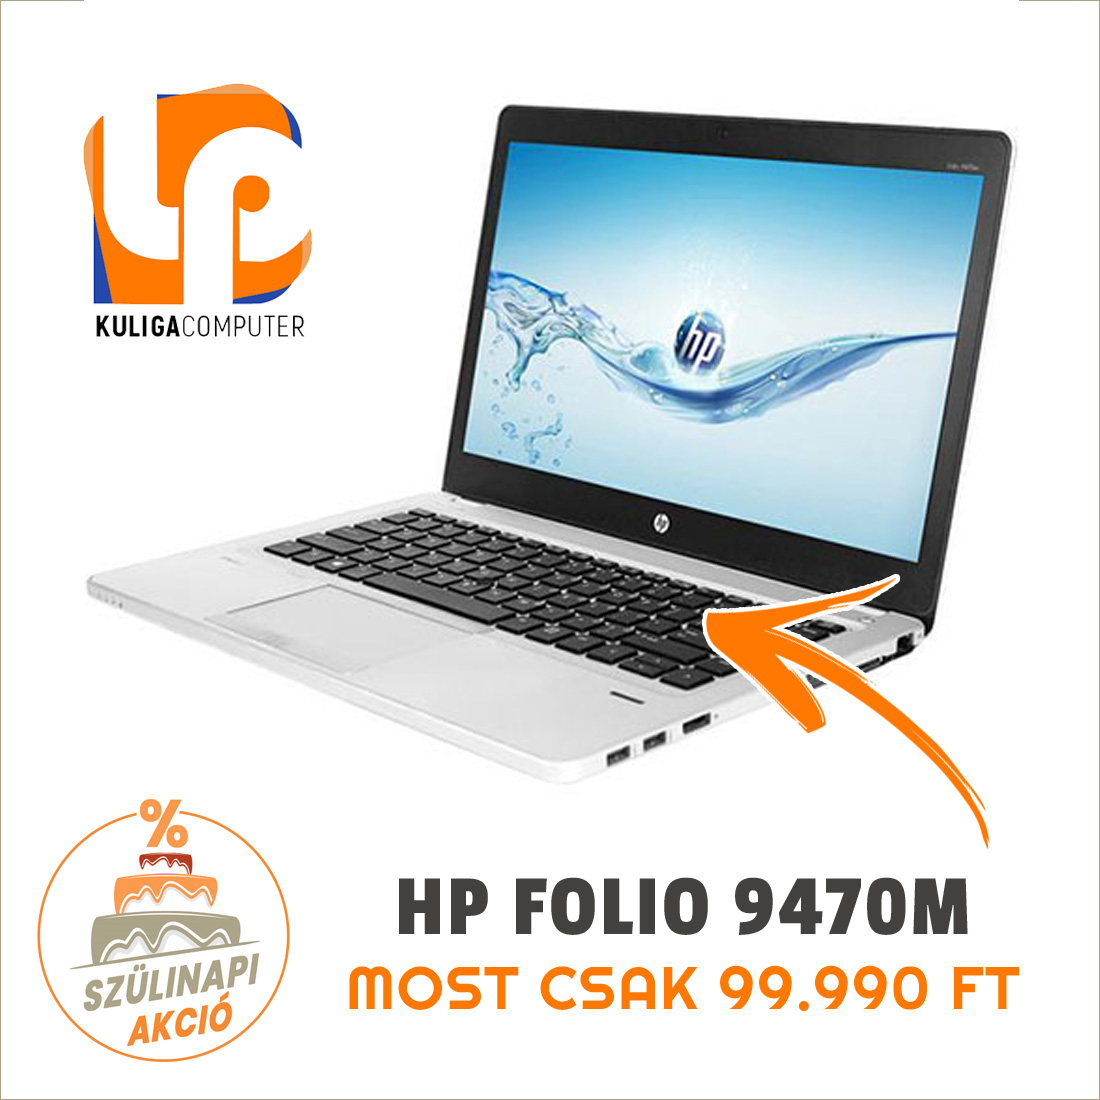 HP Folio 9470M